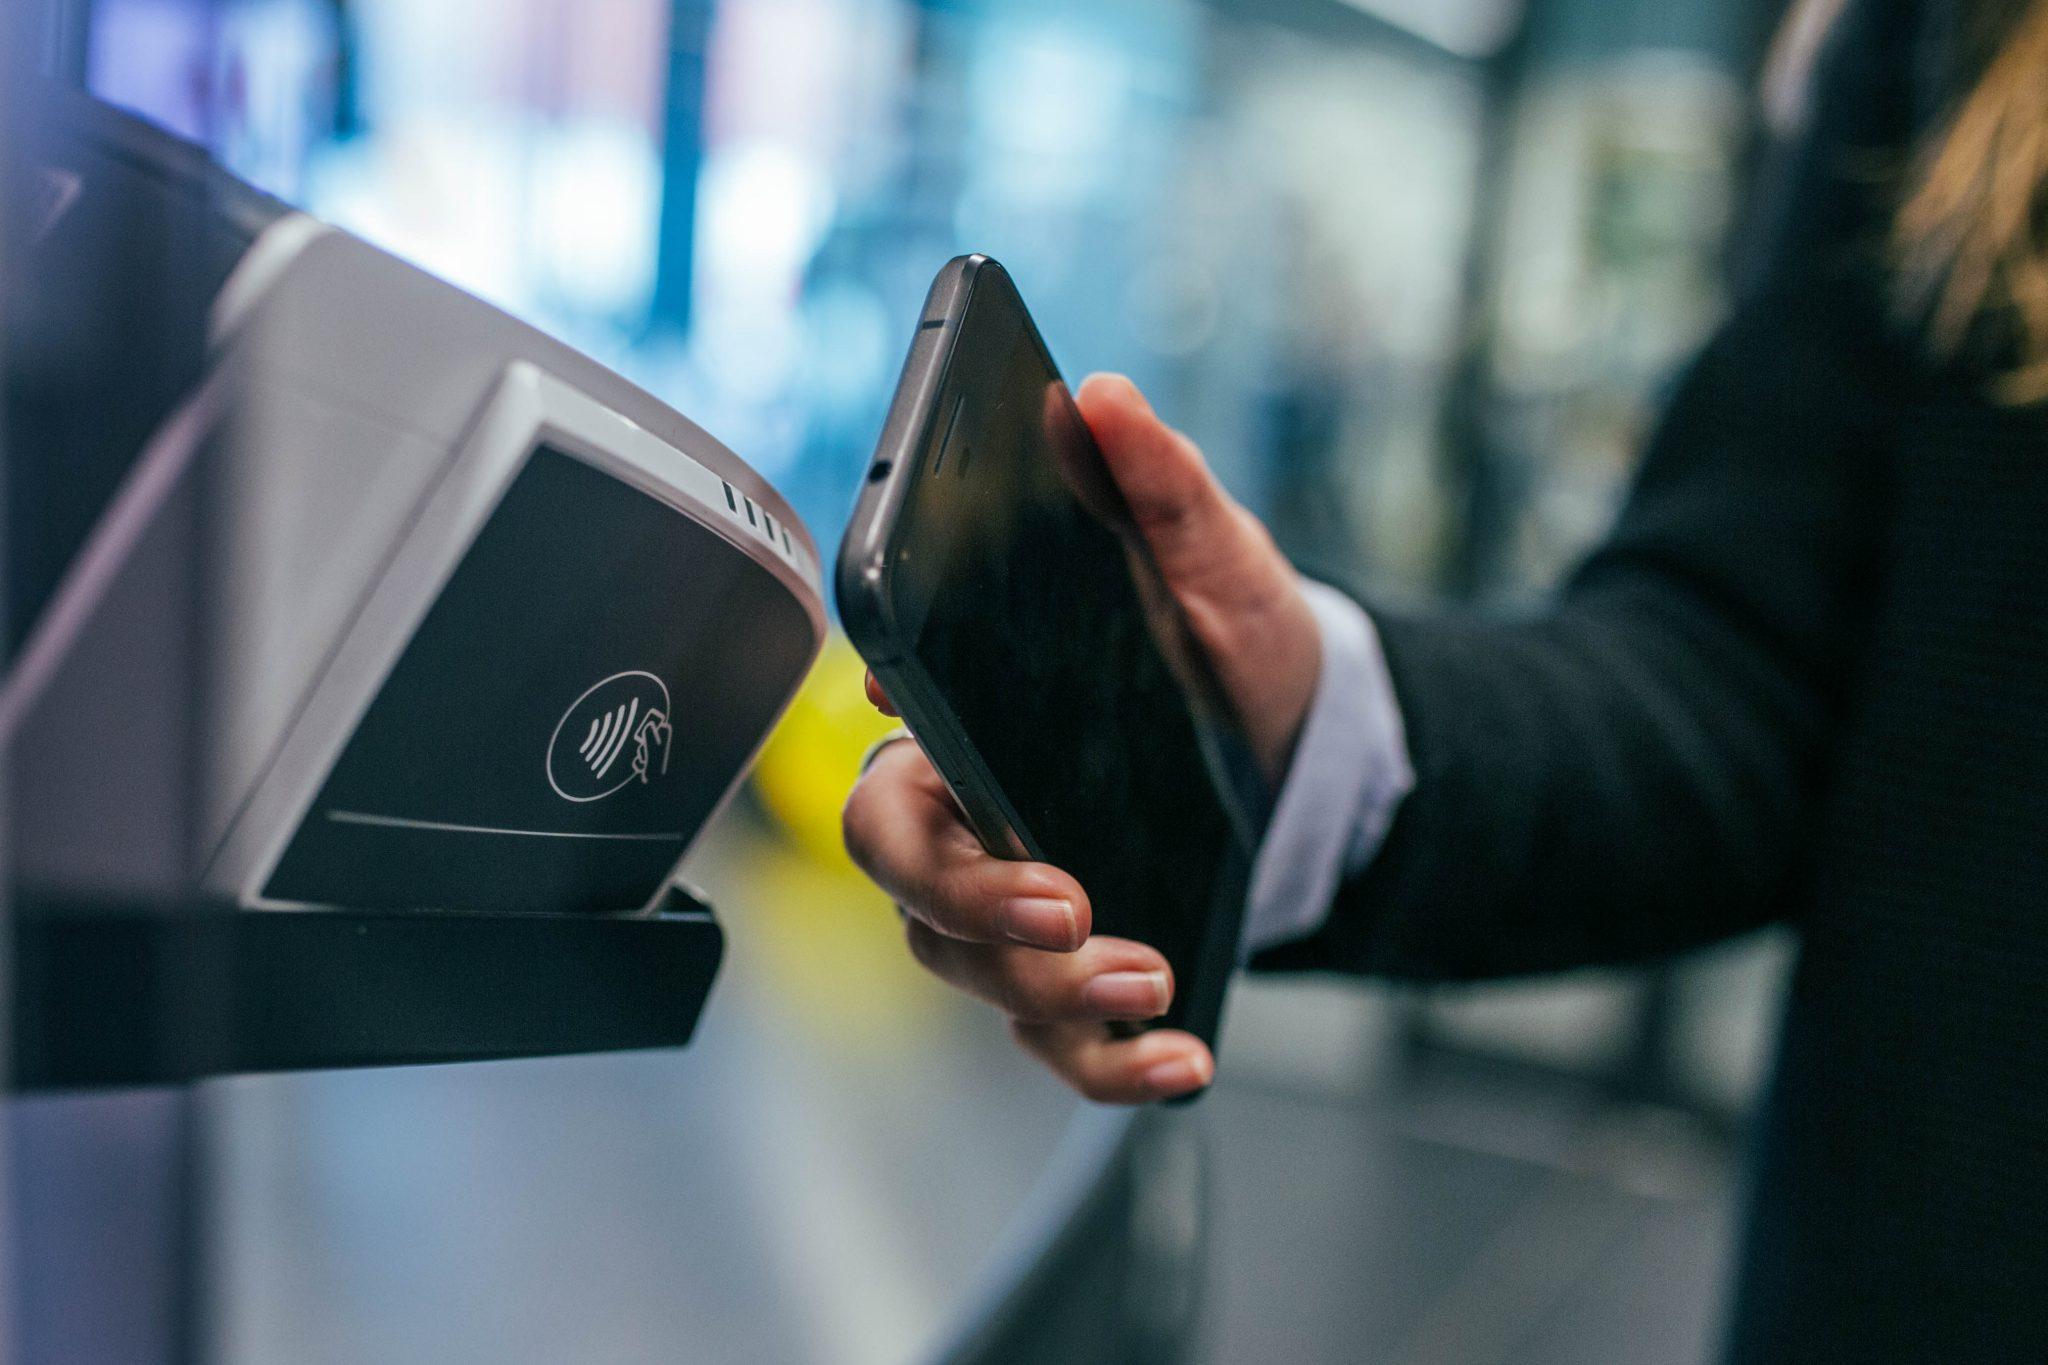 Eine Person hält sein Smartphone gegen ein Kassenterminal, um über Google Pay zu bezahlen